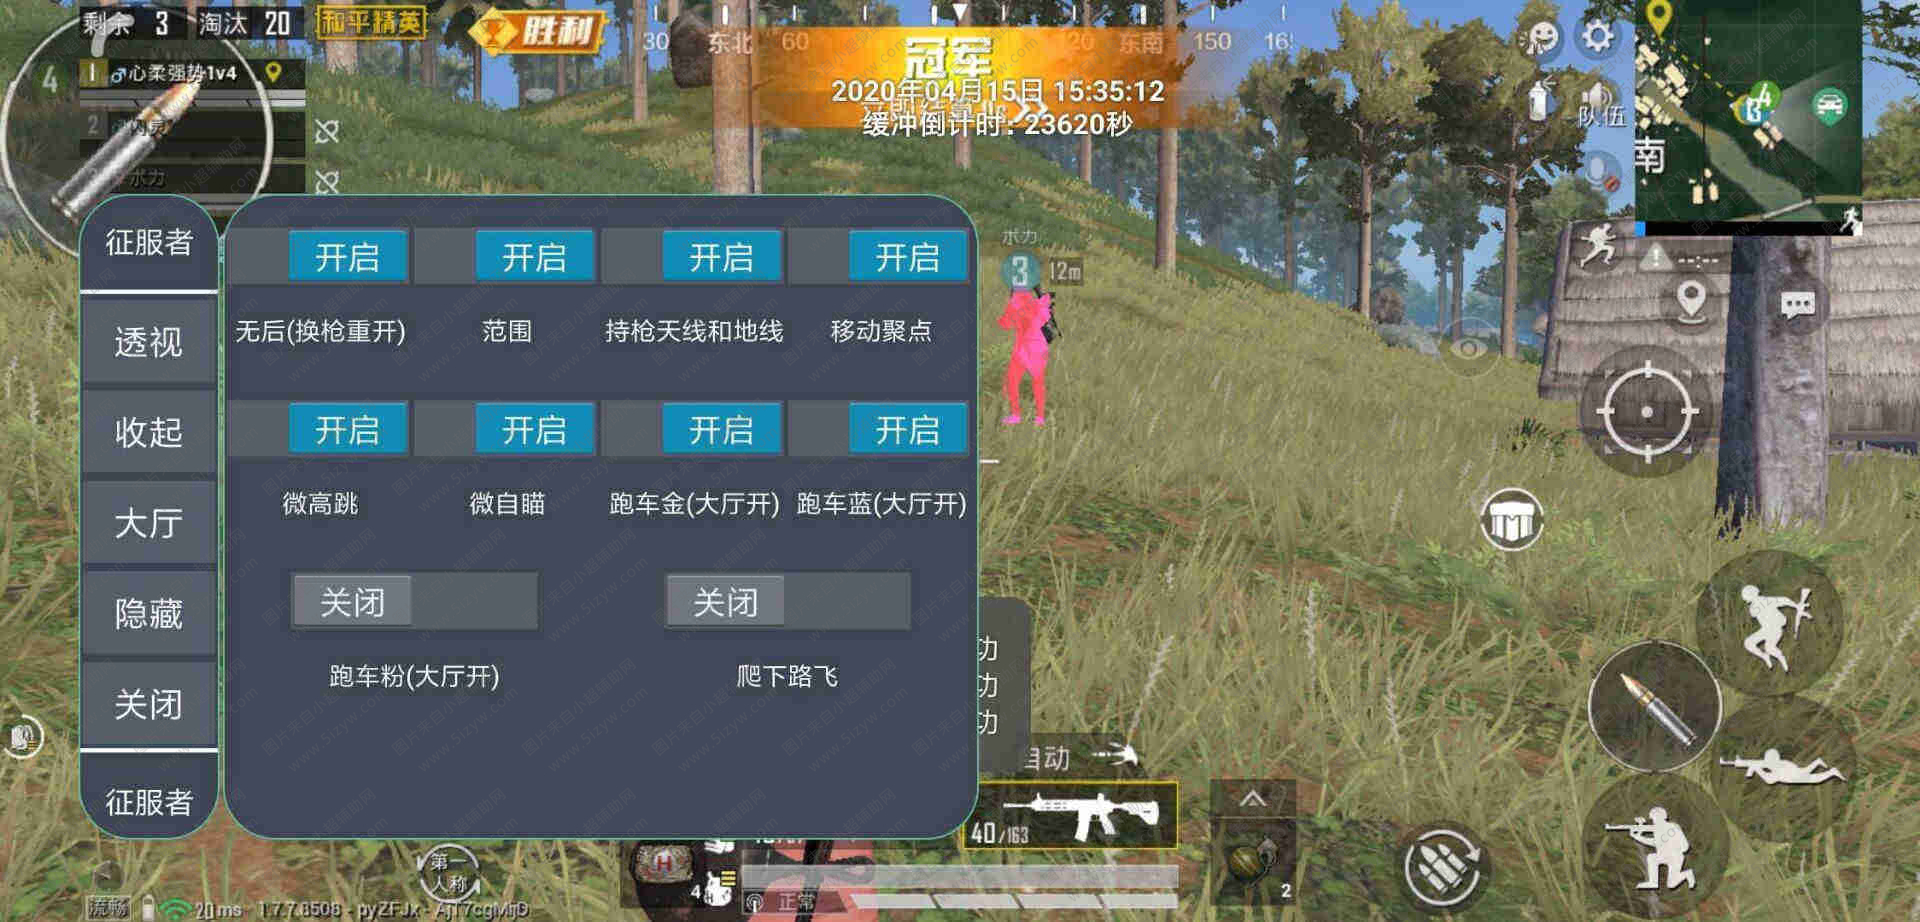 和平精英PUBG手游征服者透视微自瞄破解辅助V3.2支持国服